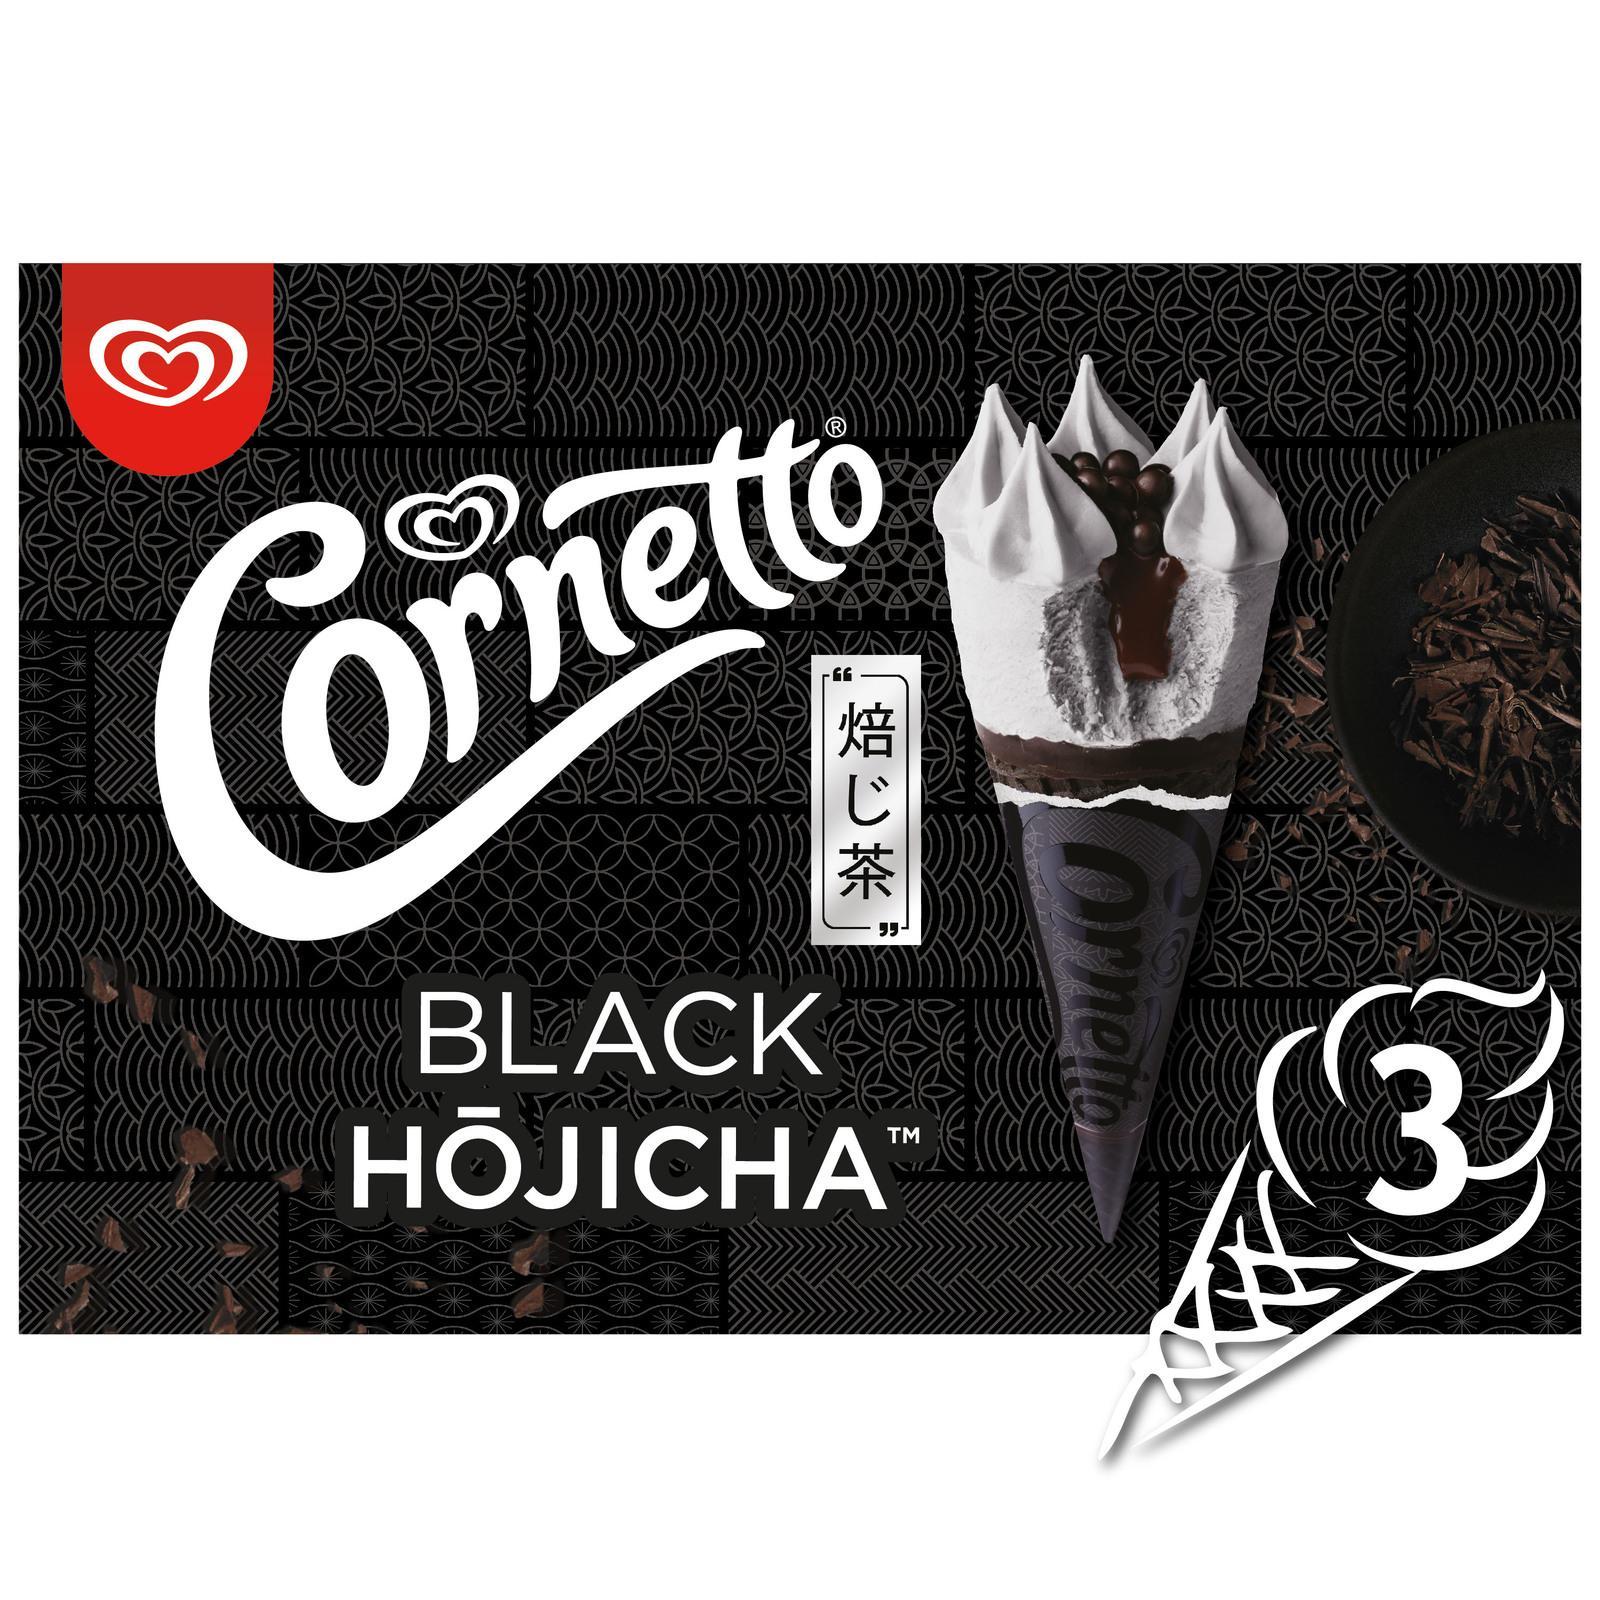 CORNETTO Black Hojicha Ice Cream Cone Multipack - Frozen